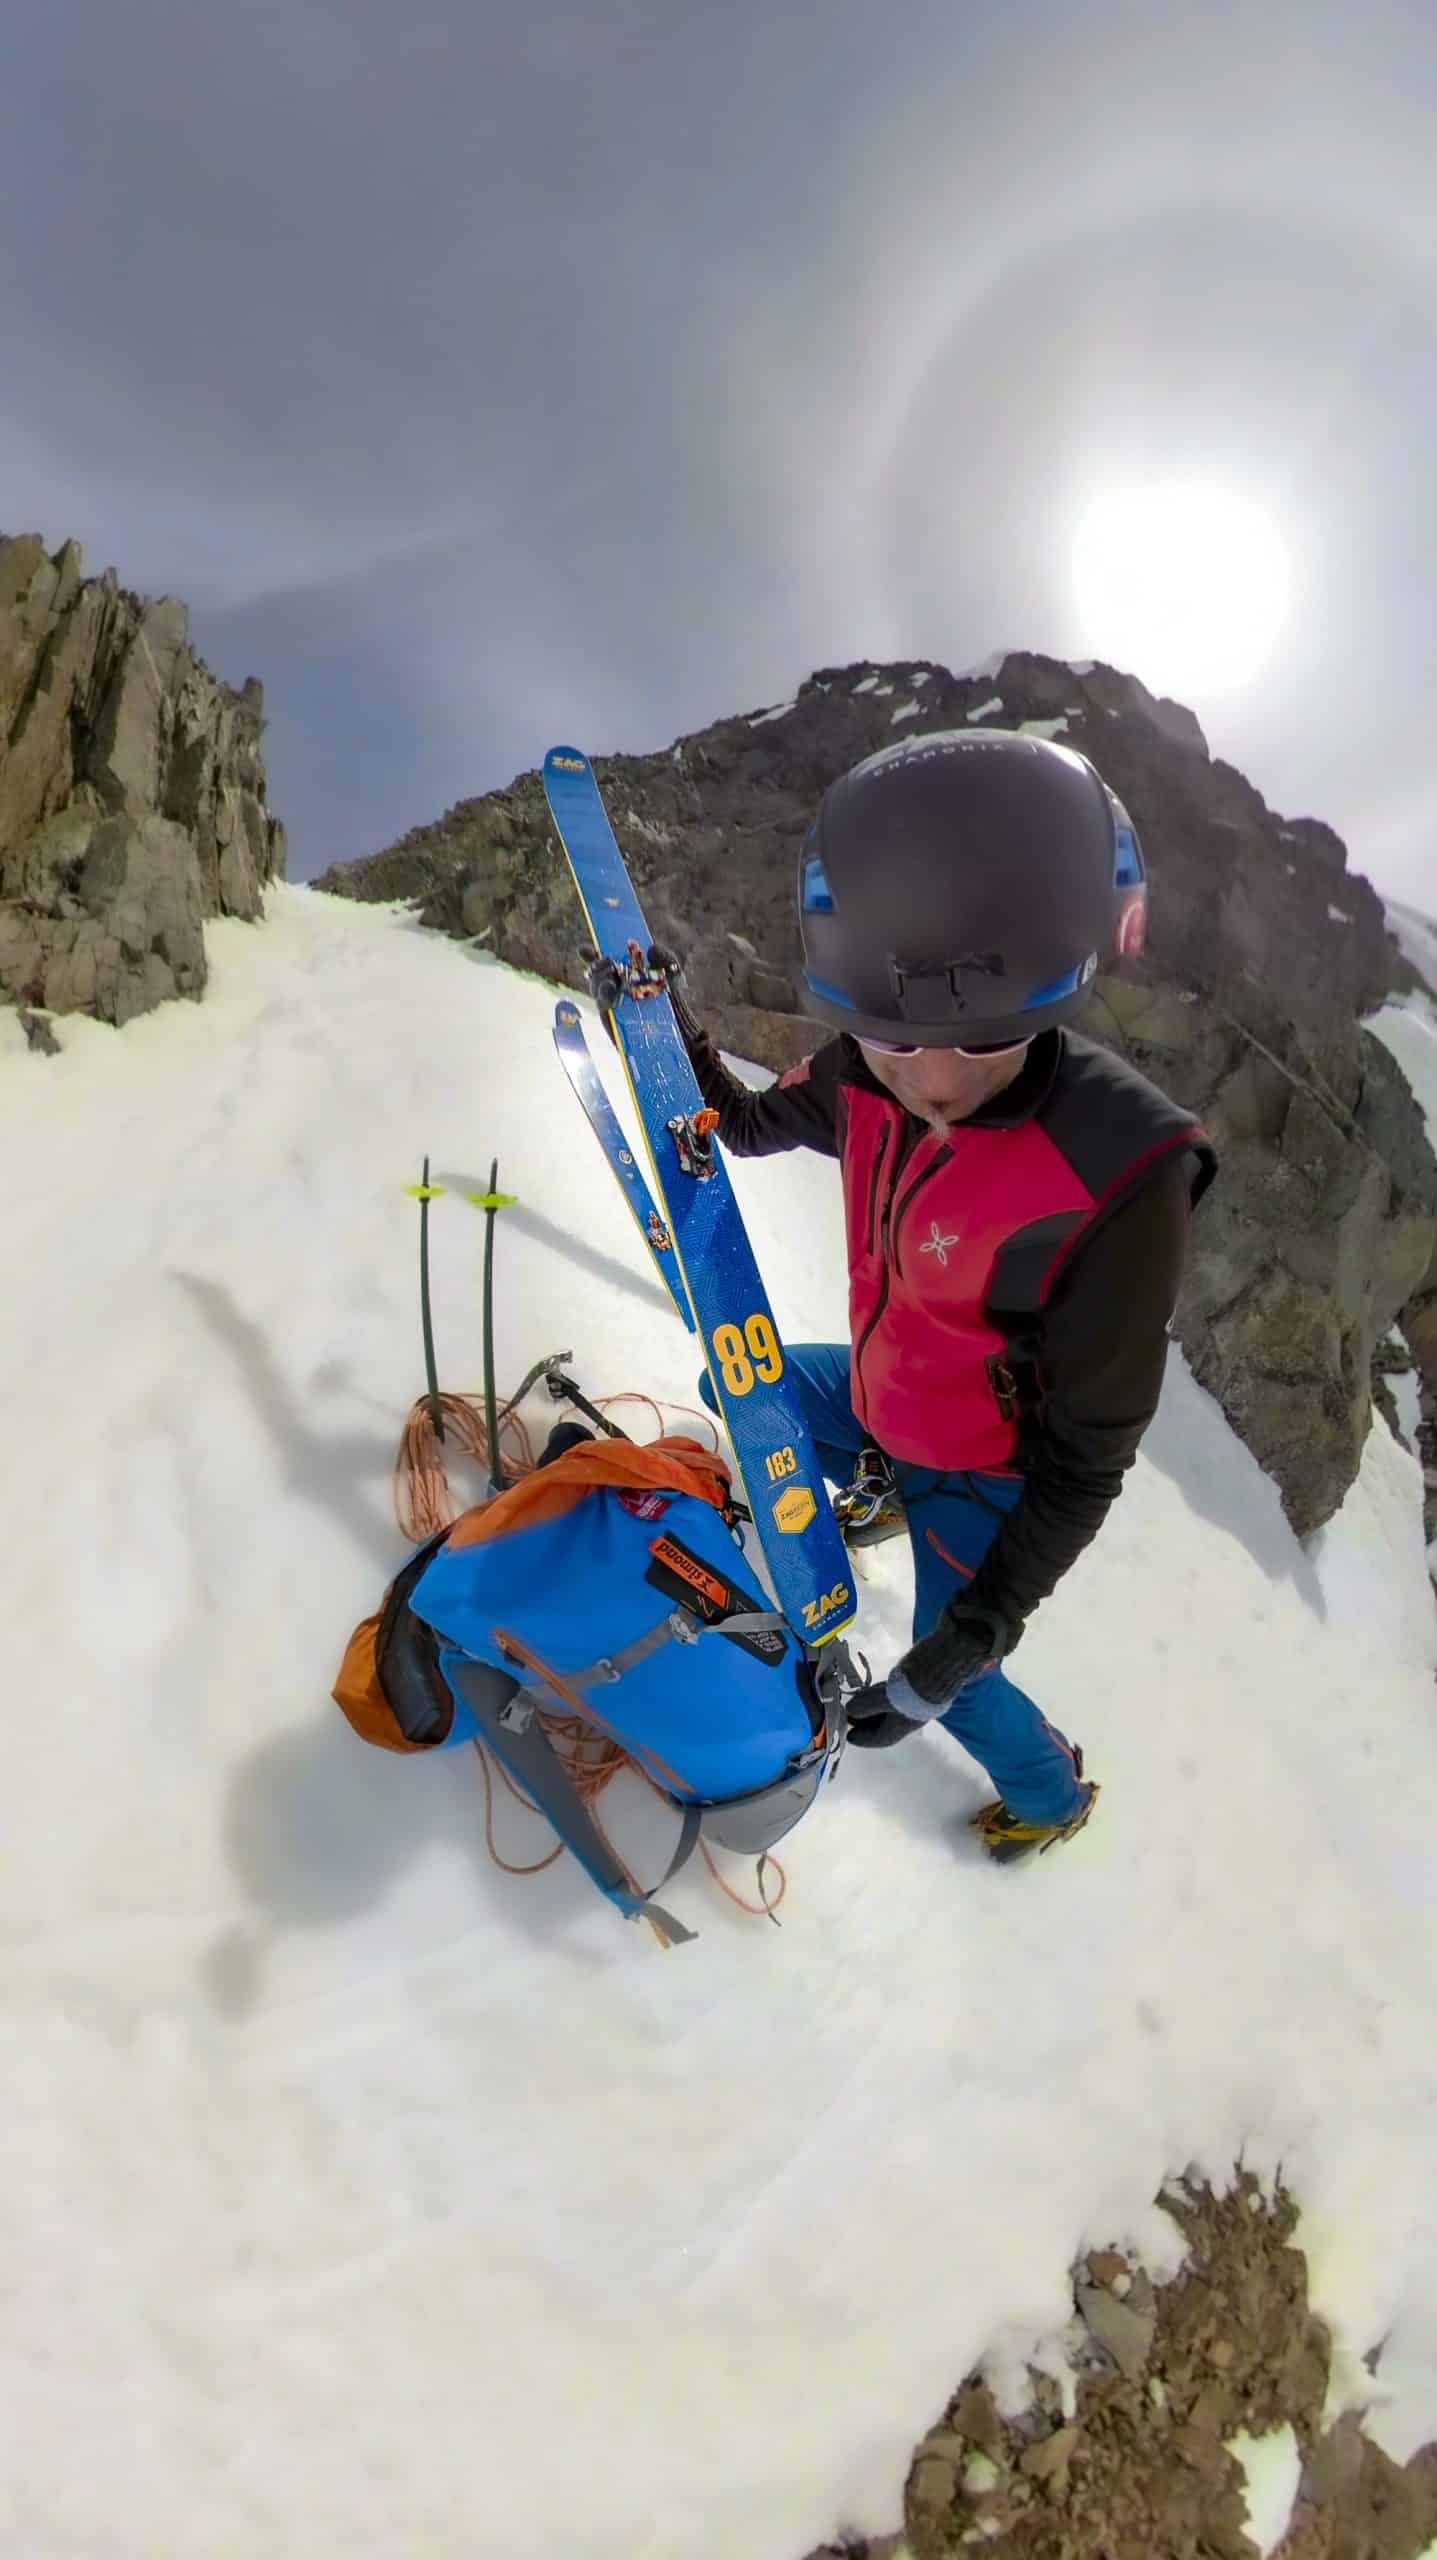 ZAG U89, a great mountain ski.